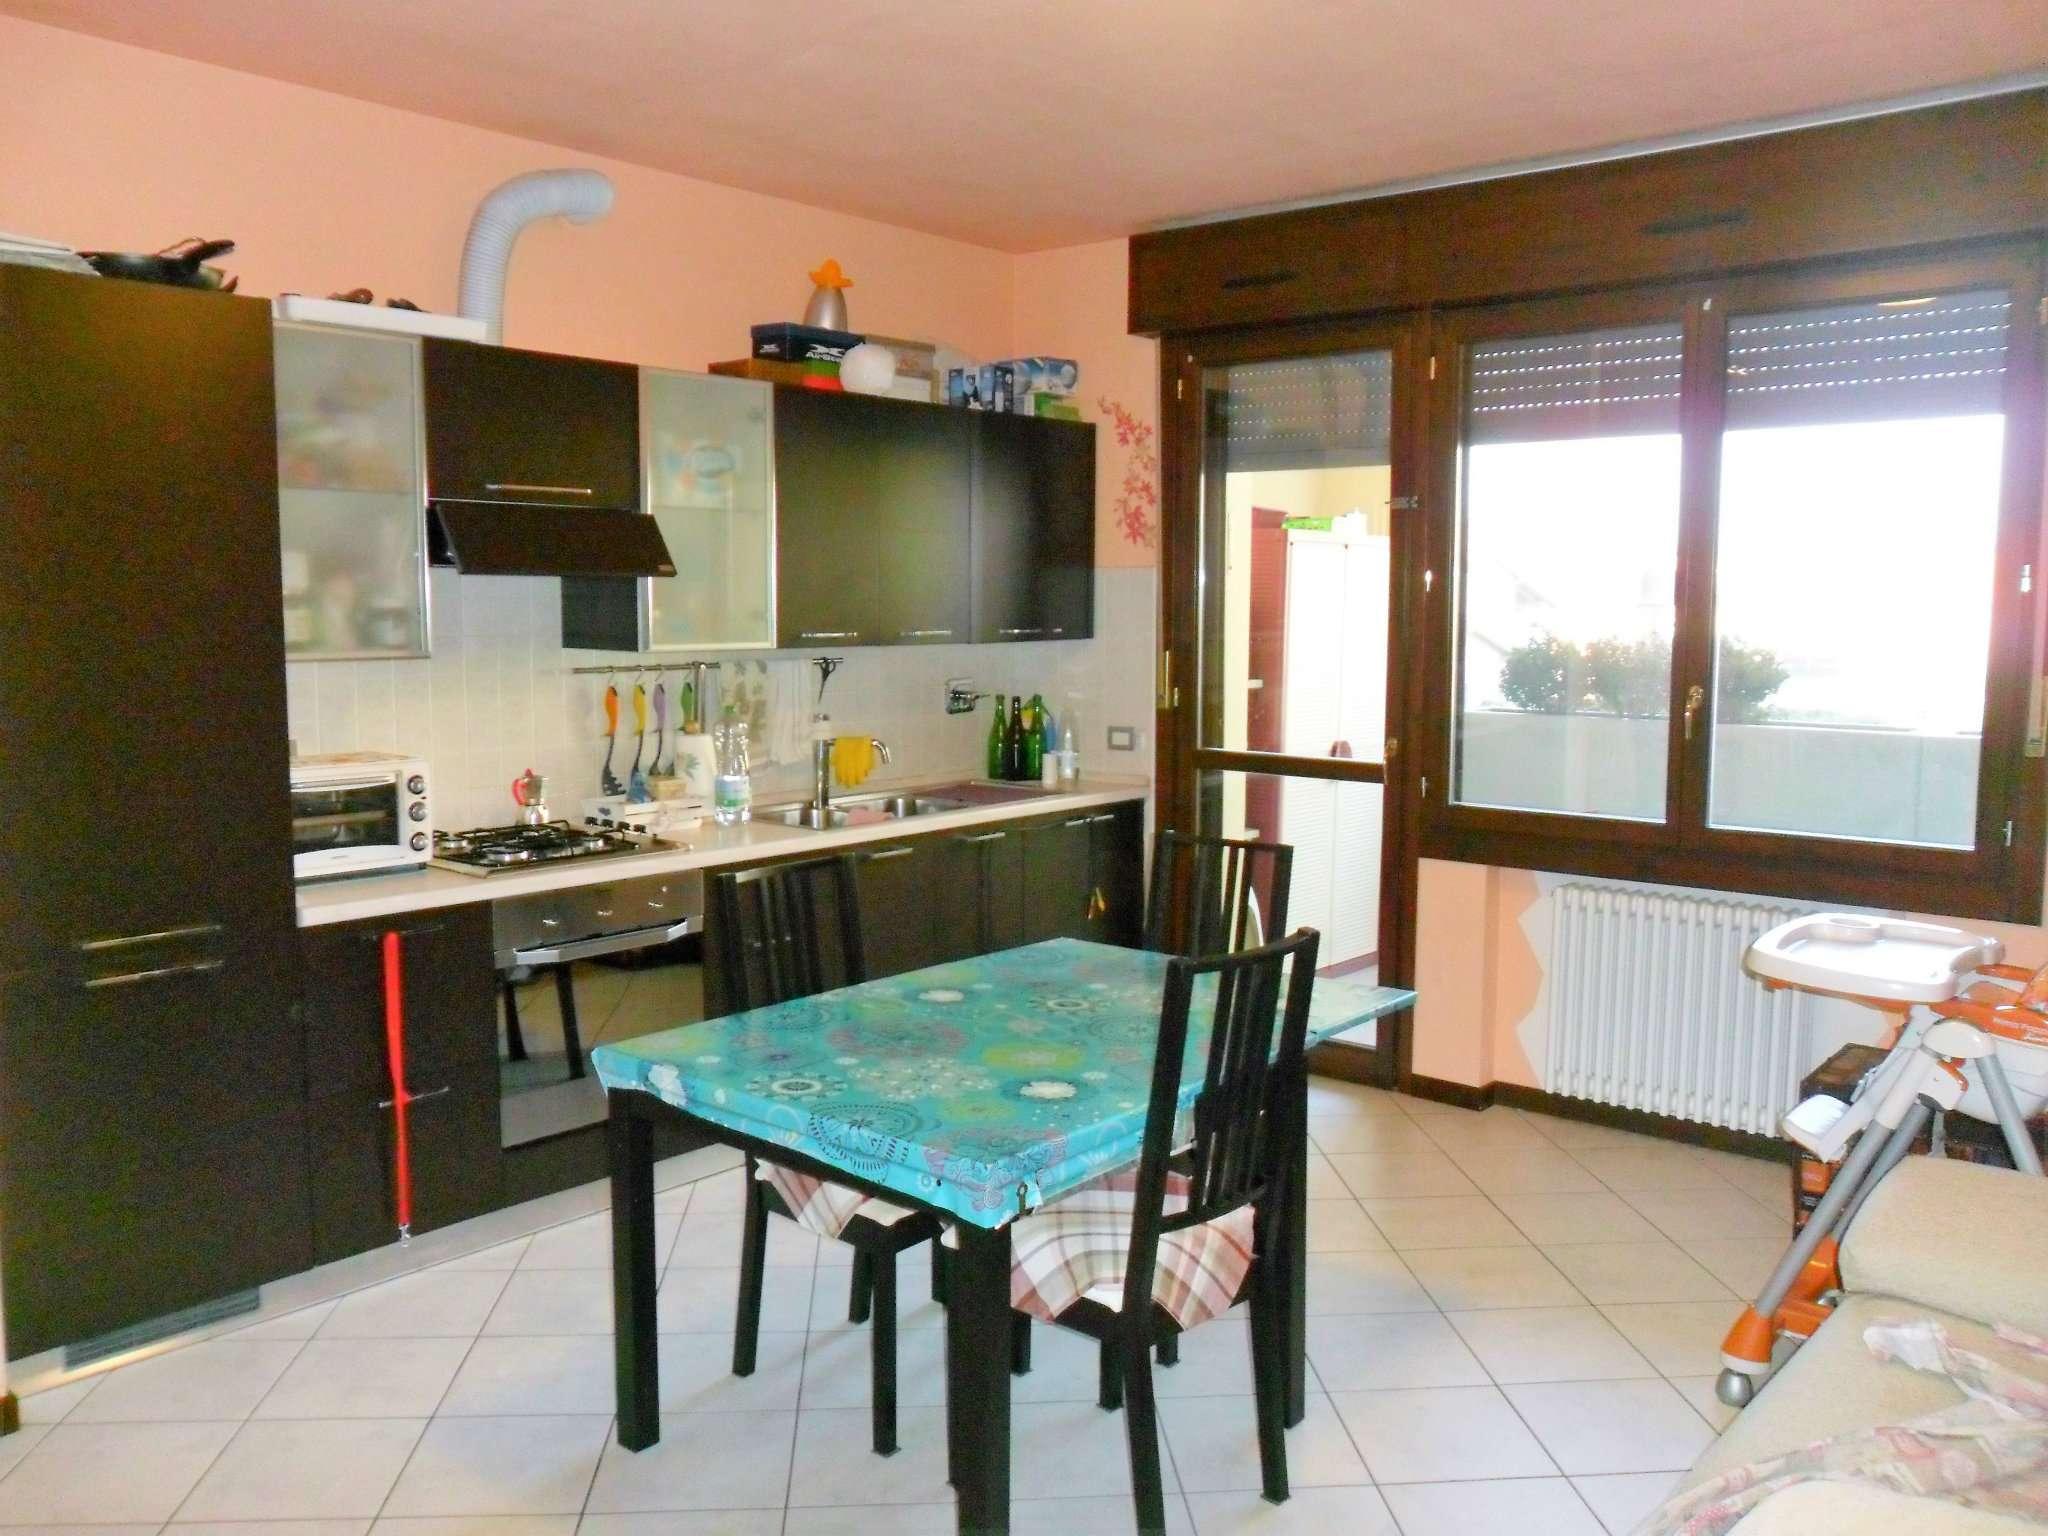 Appartamento in vendita a Noceto, 2 locali, prezzo € 95.000 | Cambio Casa.it